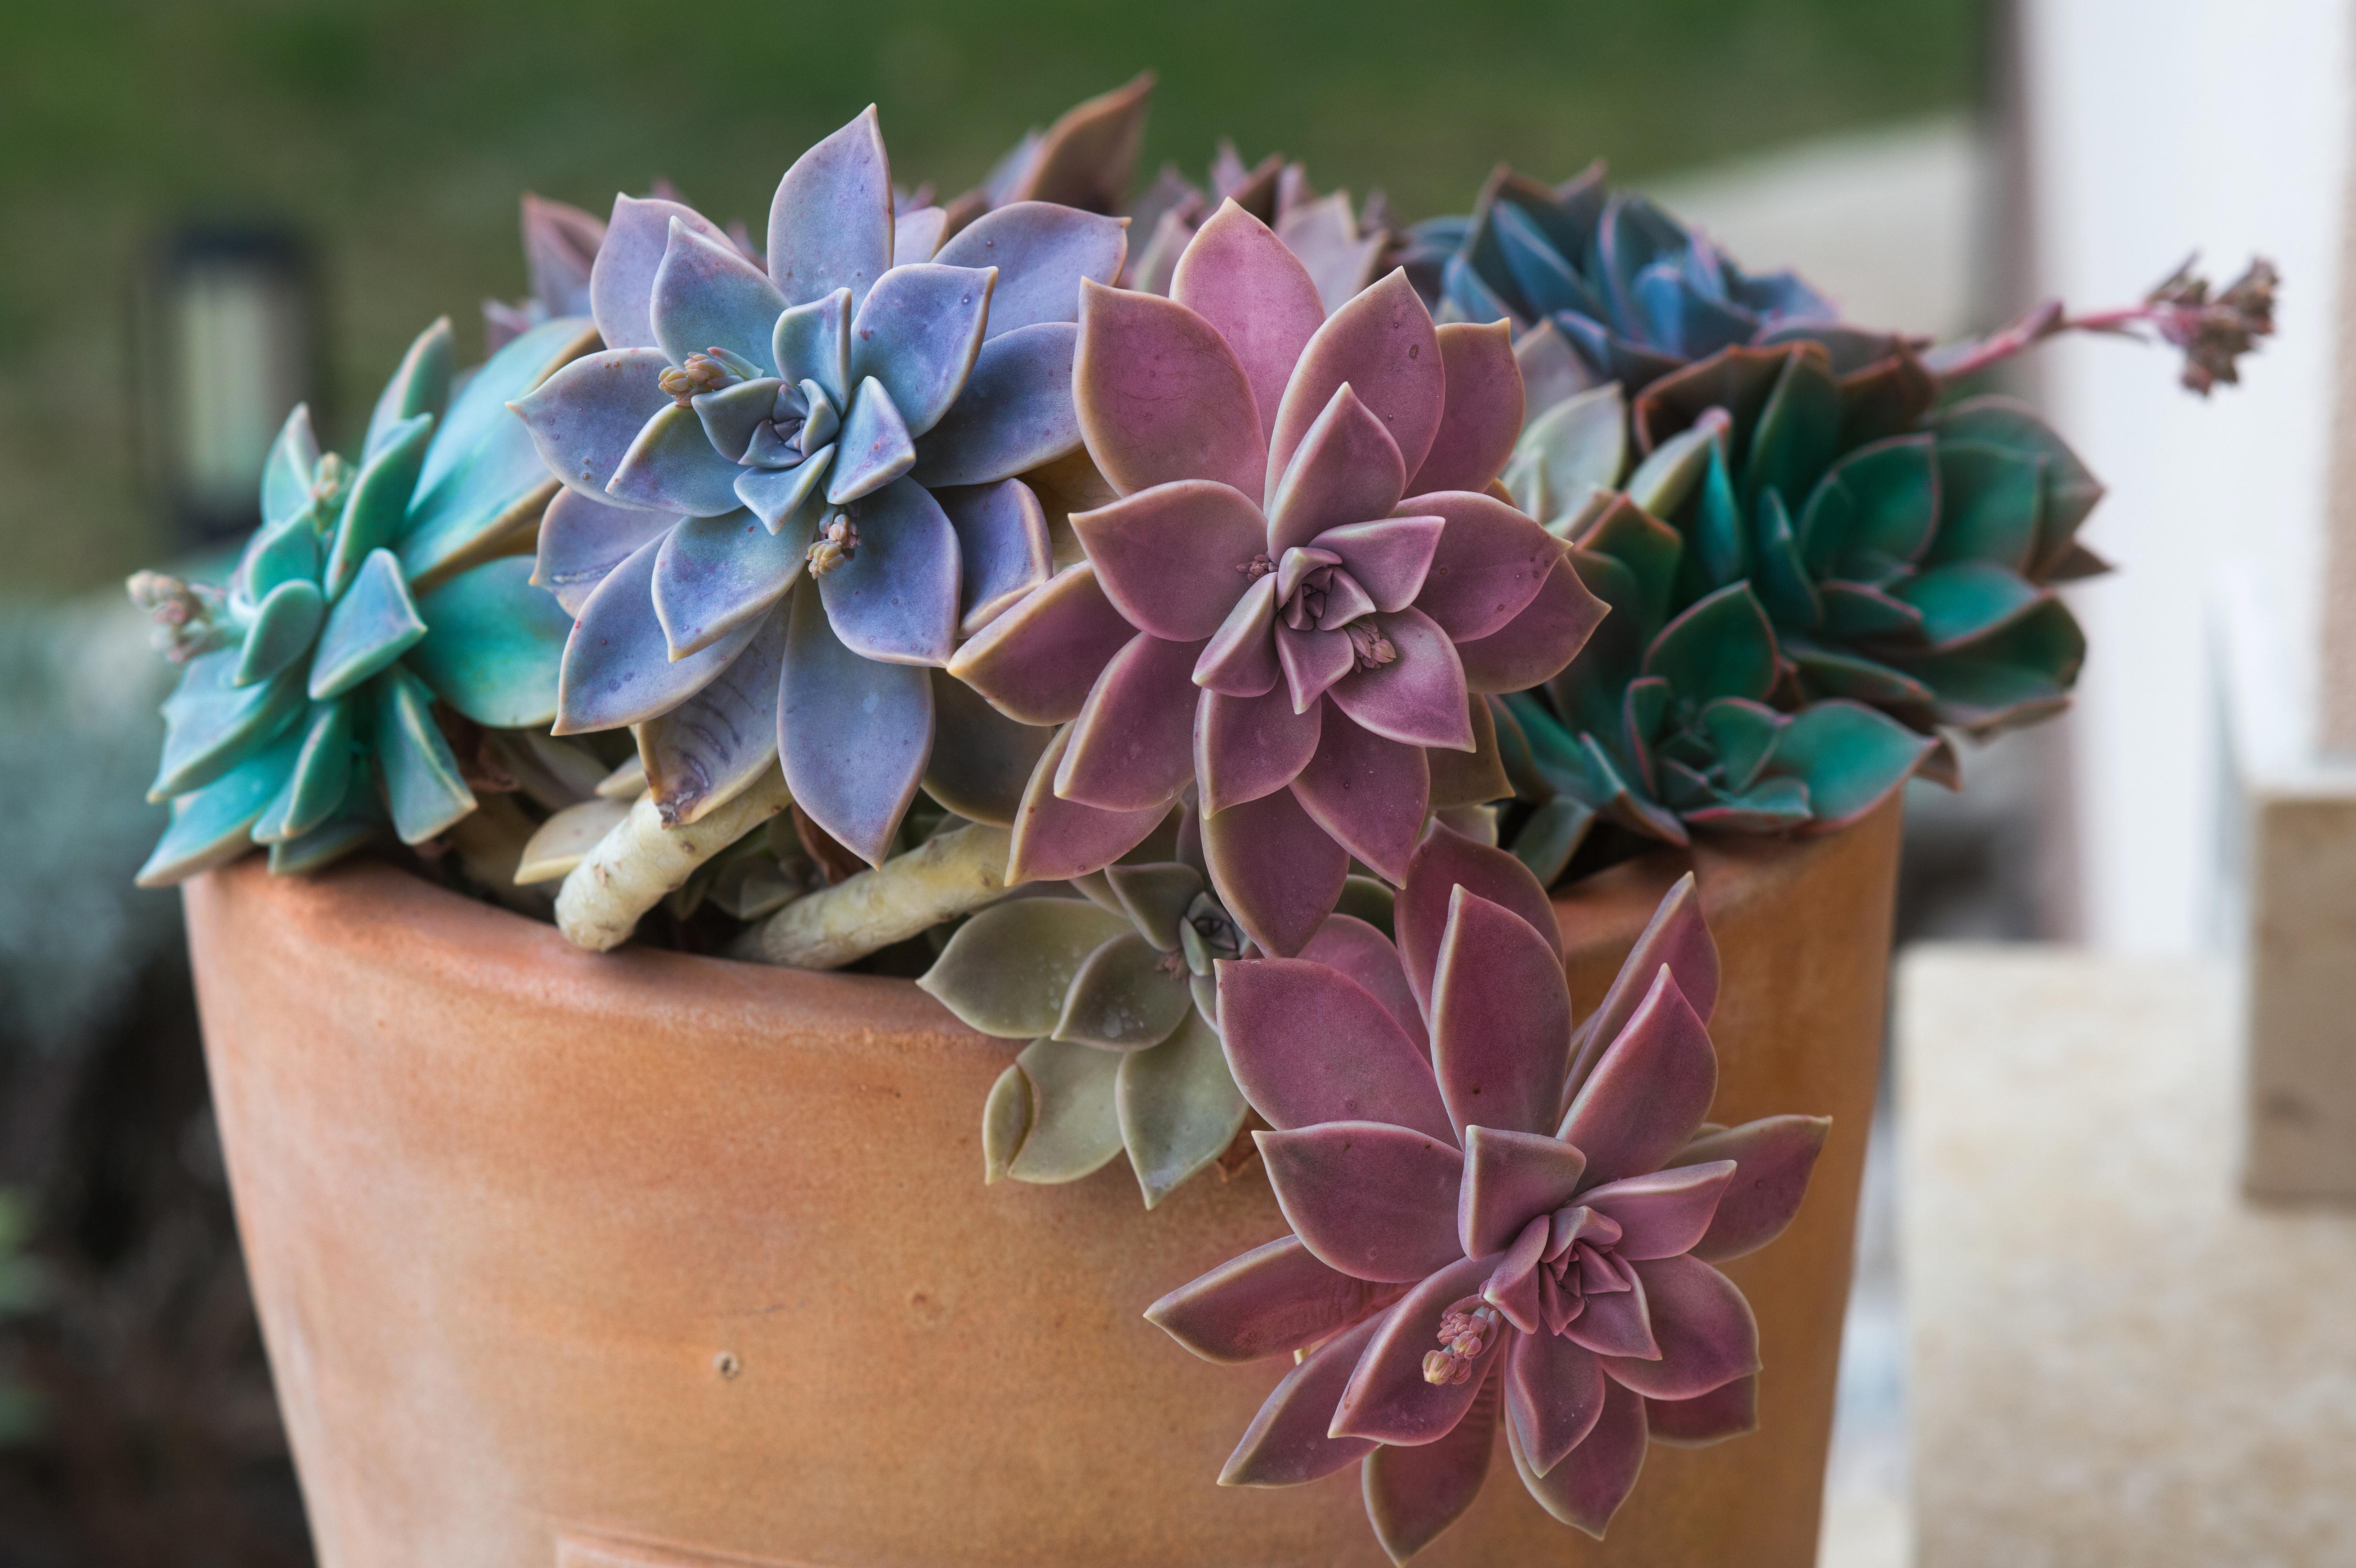 Multiple succulents in pot